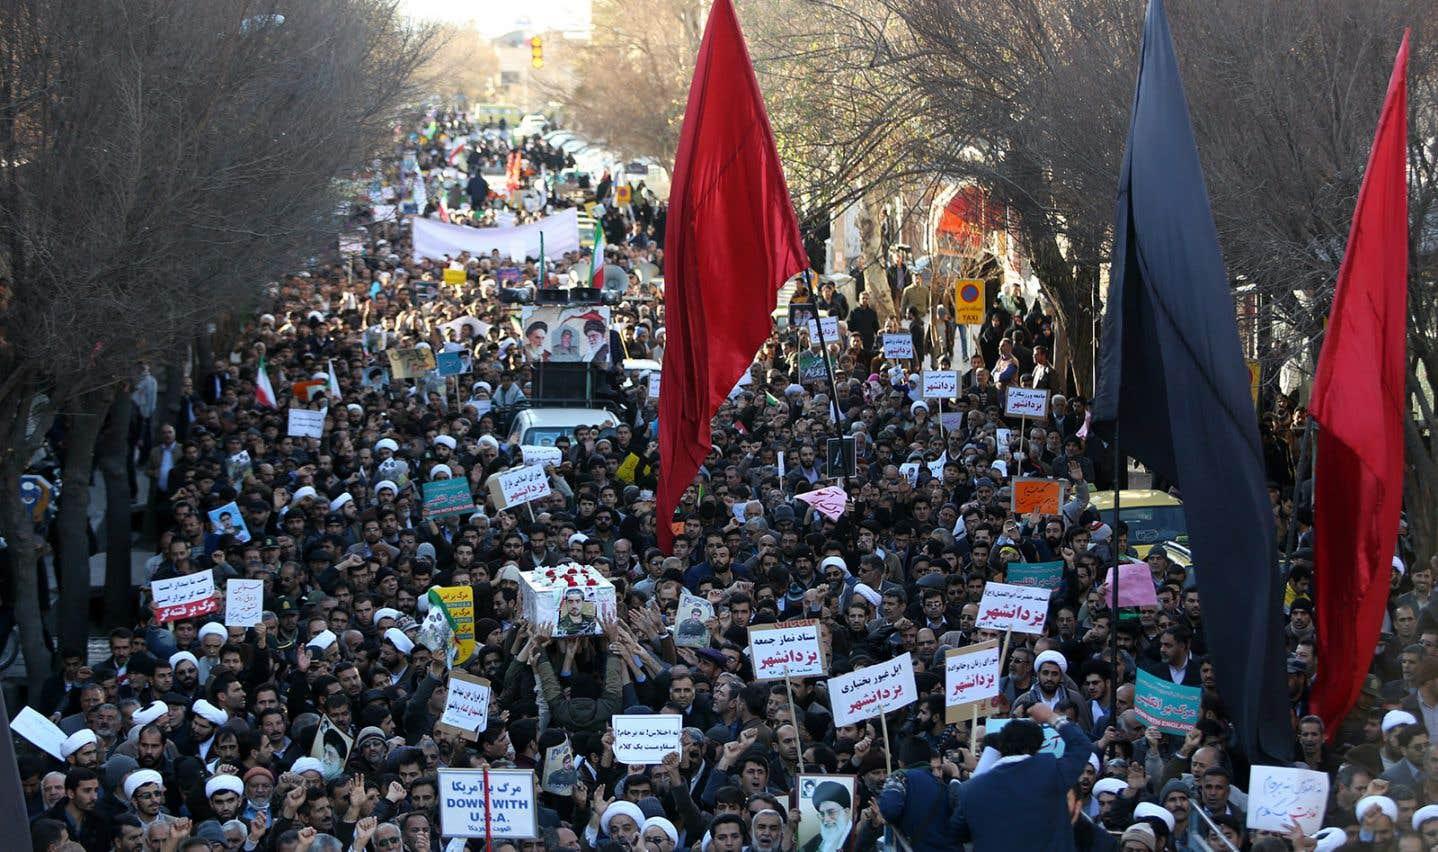 Dans la foulée de manifestations massives de soutien au régime, l'armée d'élite du pouvoir iranien a proclamé la fin du mouvement de contestation, mercredi.